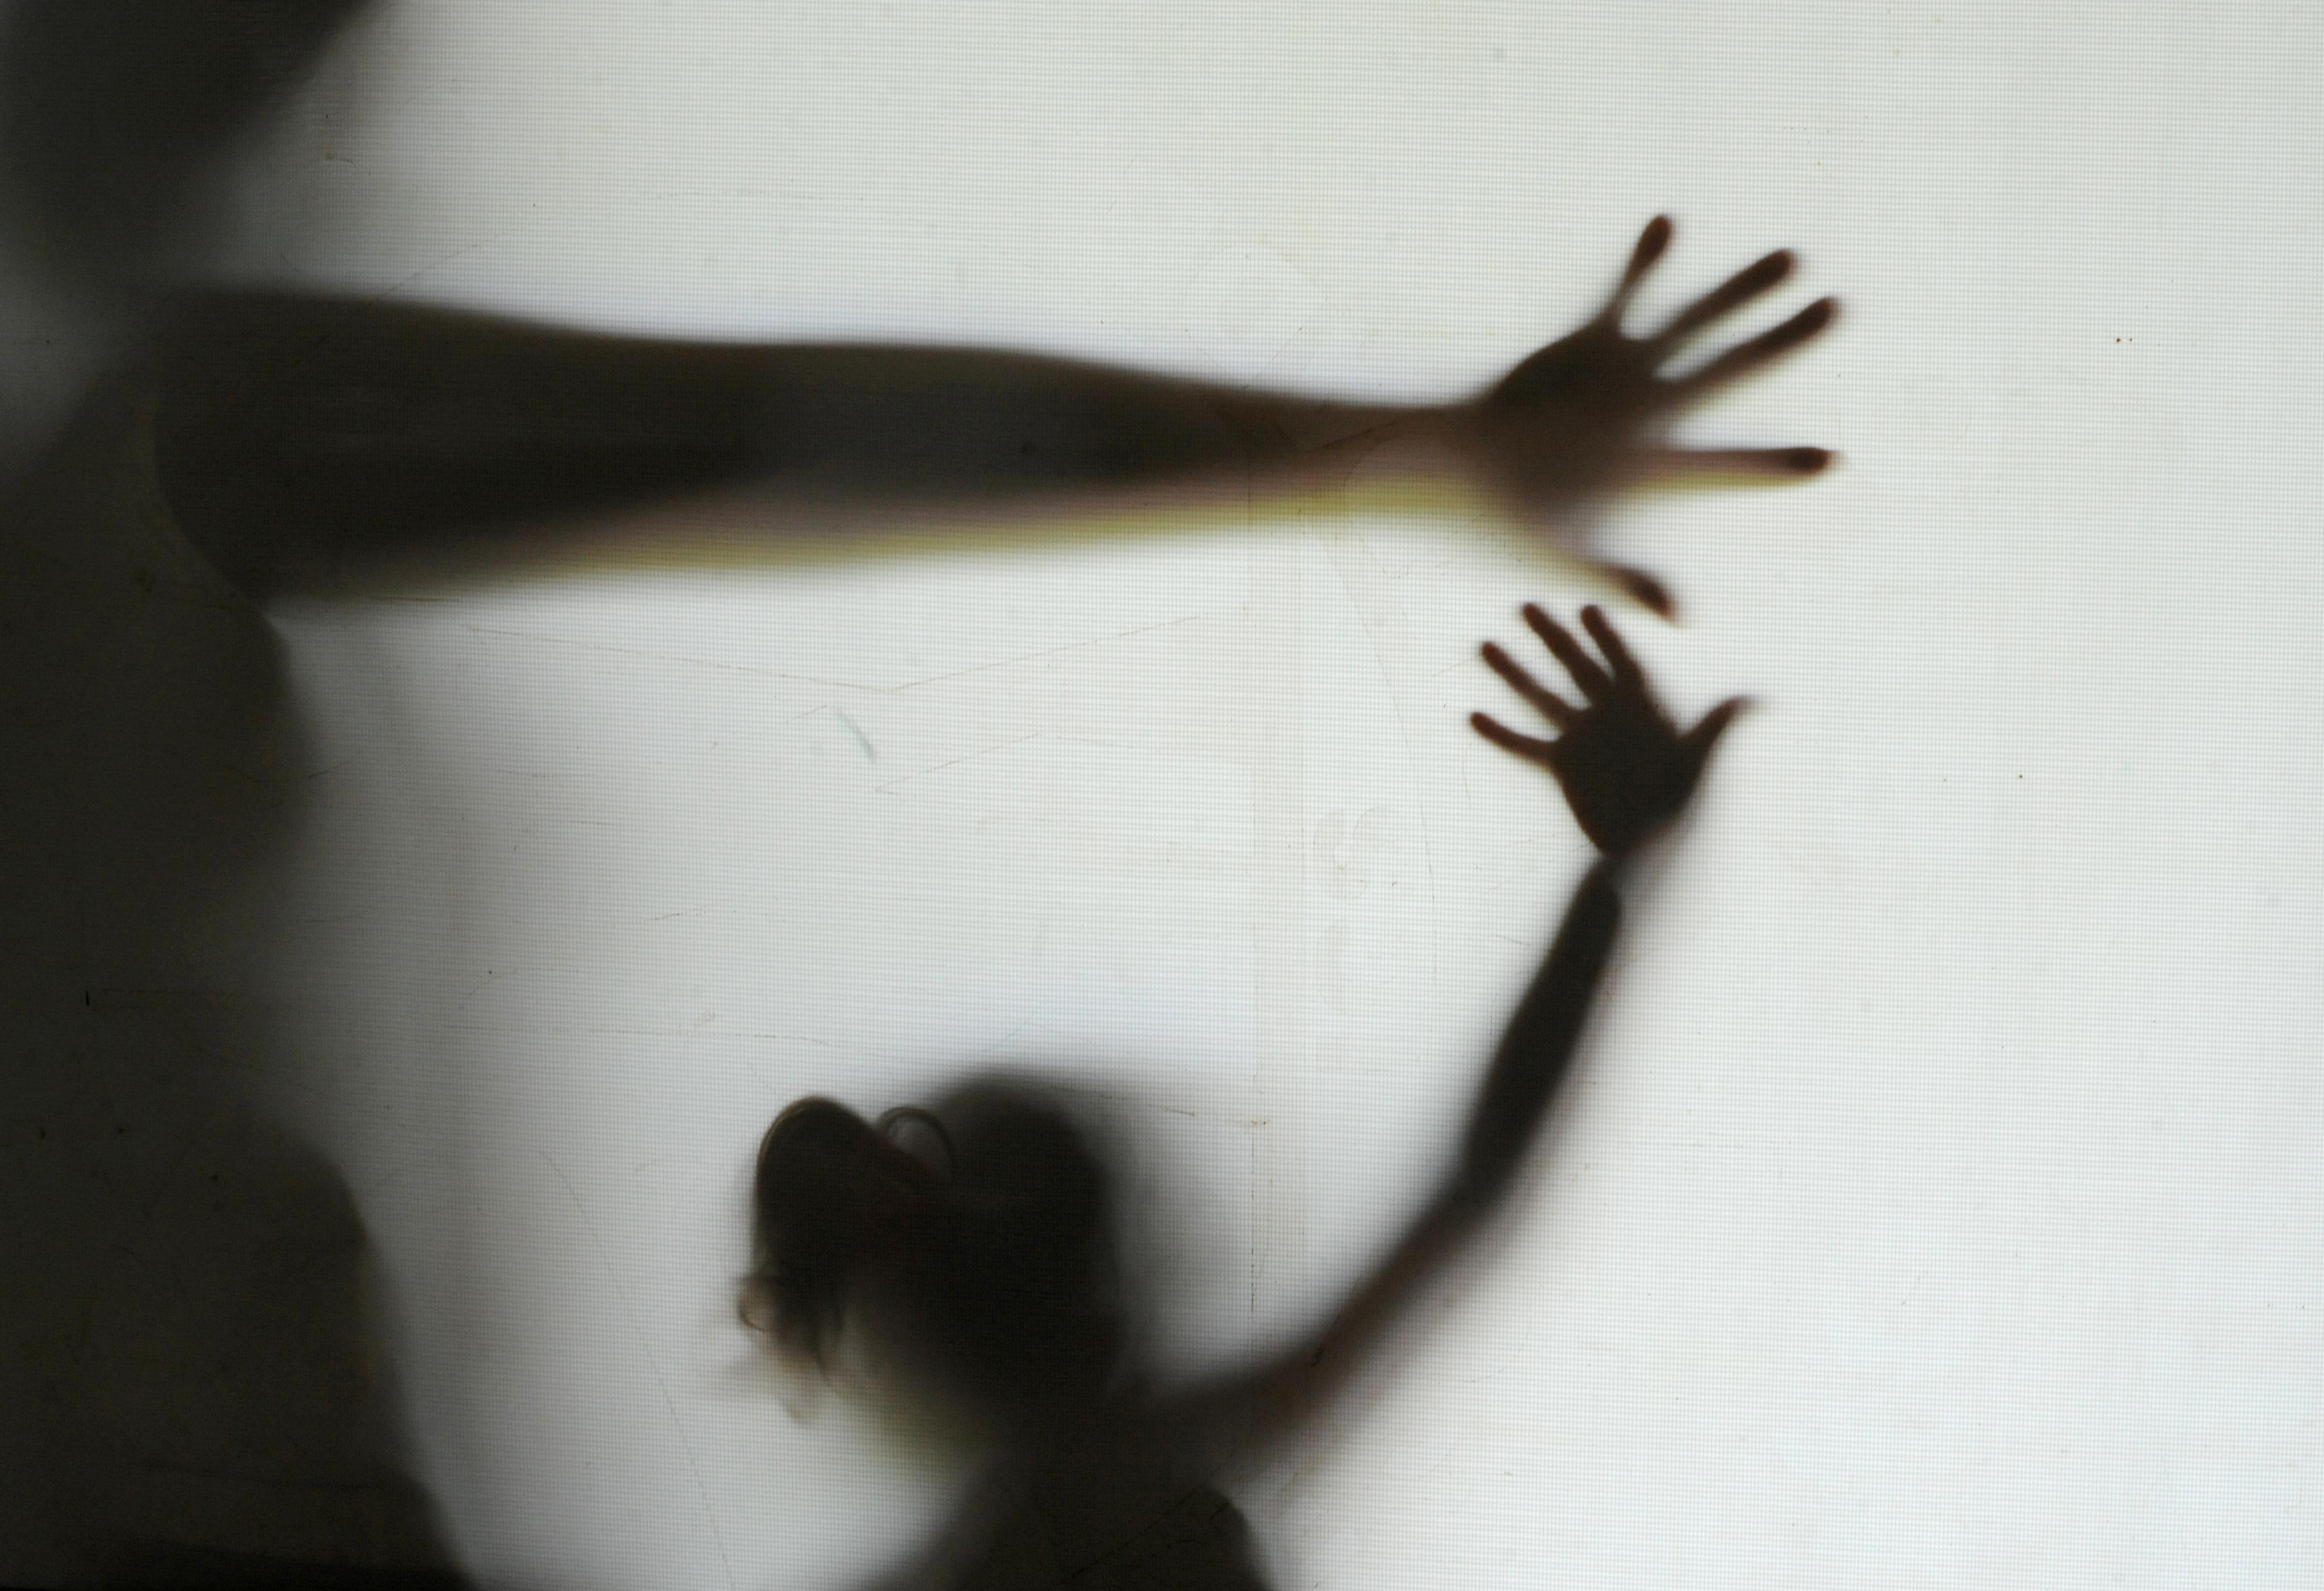 A situação chegou ao ápice quando uma menina de 13 anos,  faleceu no Complexo Hospitalar dos Estivadores após tentativa de suicídio